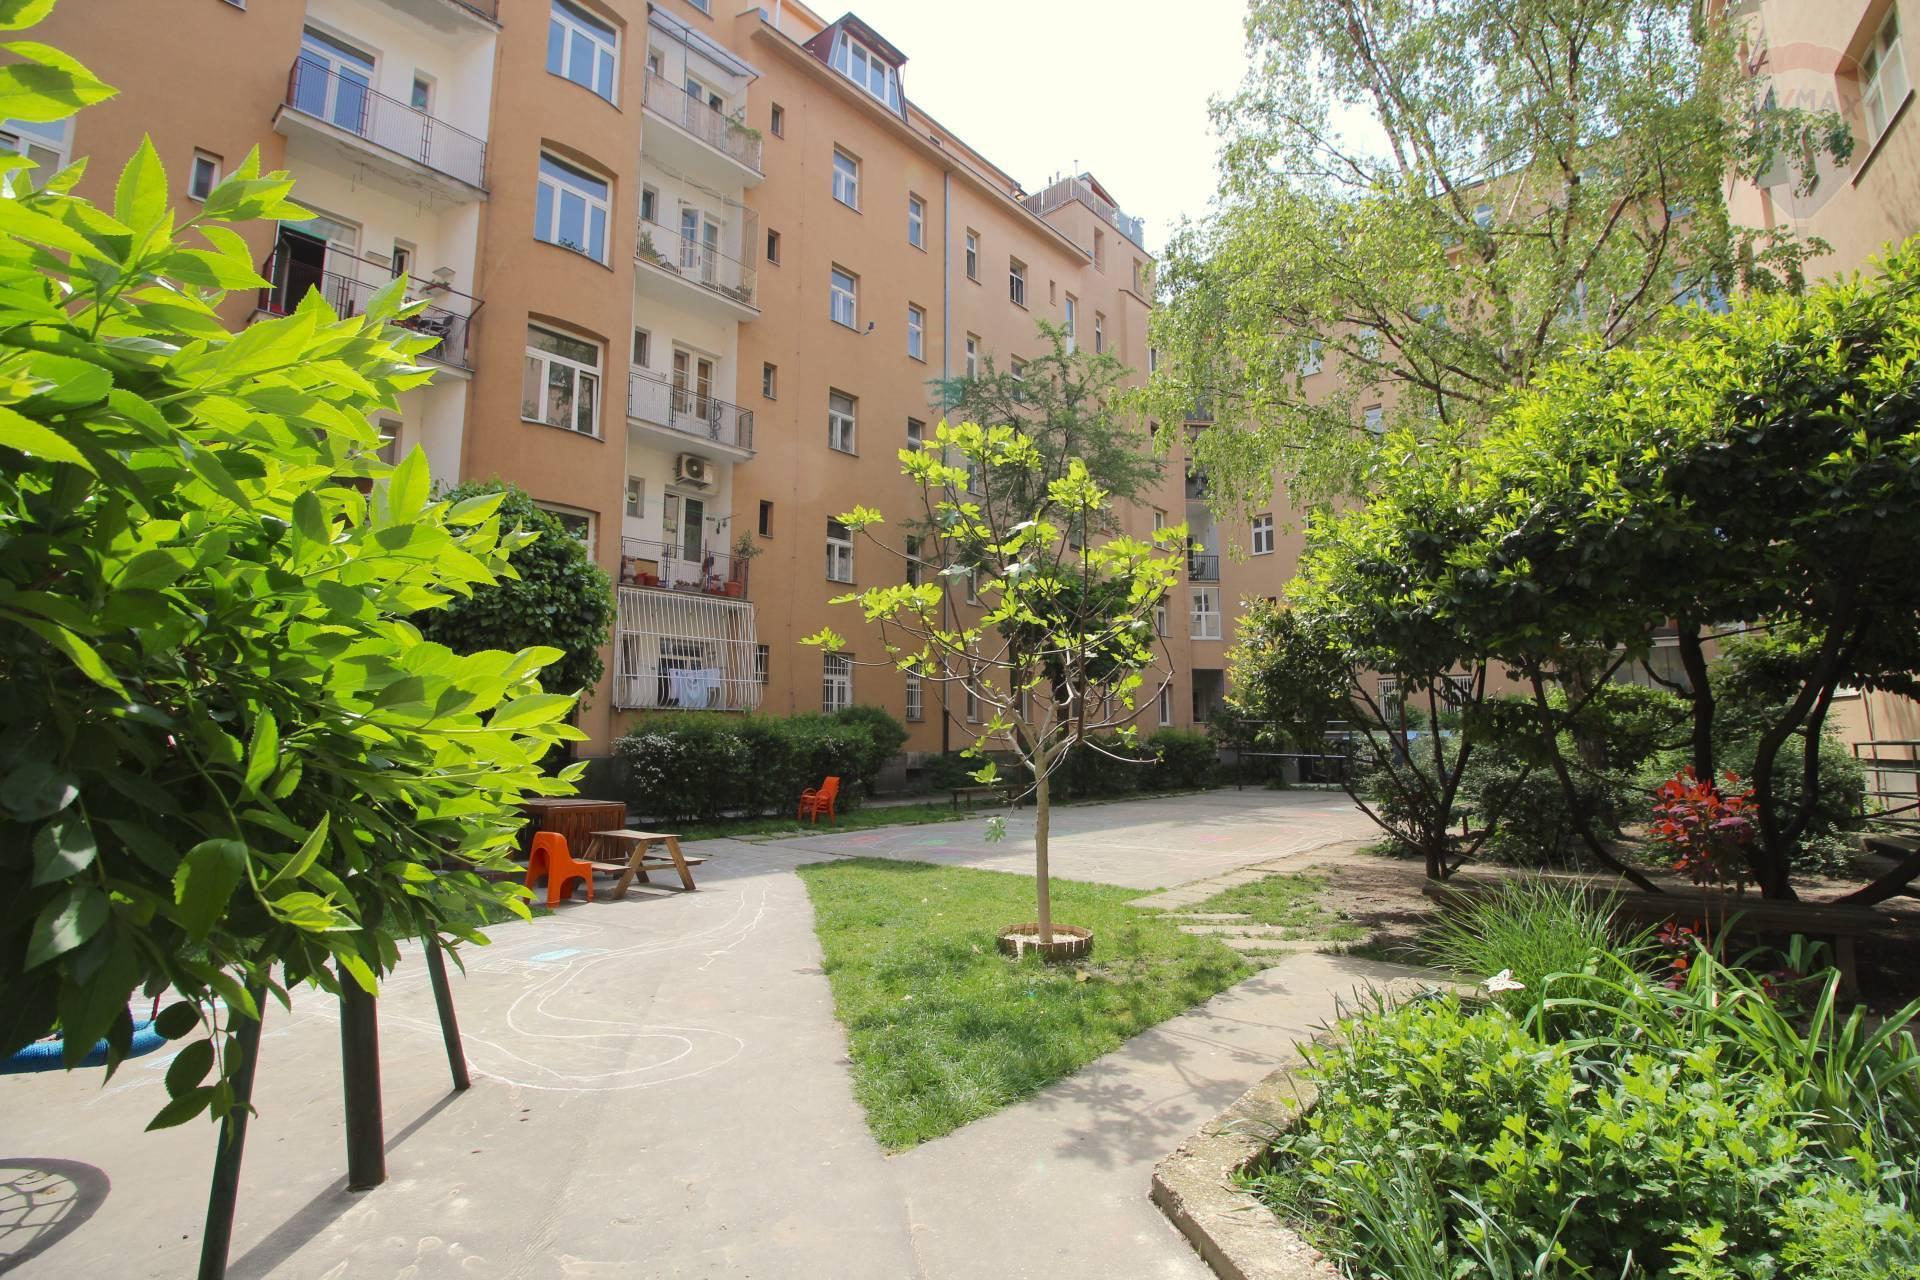 Predaj bytu (2-izbový) 88 m2, Bratislava - Staré Mesto